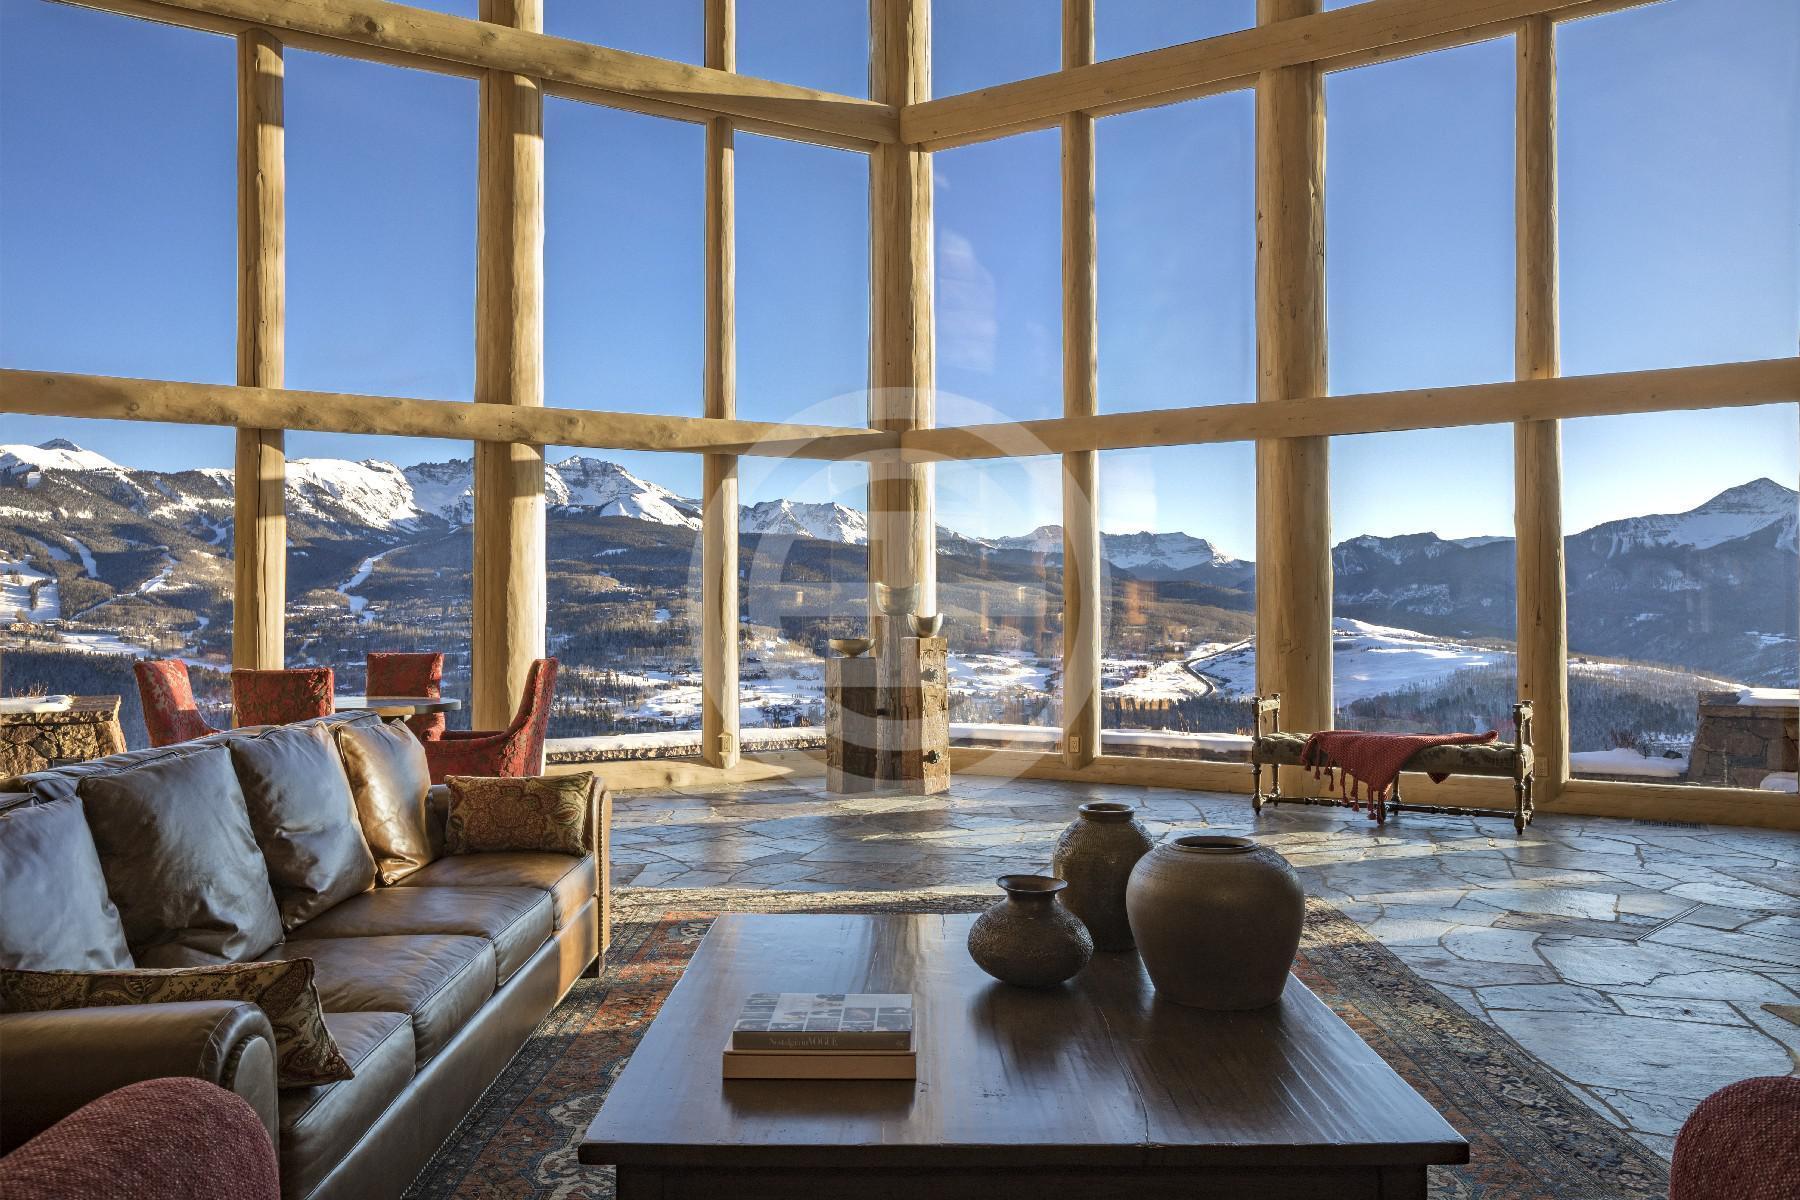 """科罗拉多州特柳赖德(Telluride, Colorado)豪宅销量年均增加了37%。图为居外房源""""海角""""(编号:37775799),这座近12英亩公园般的庄园提供了最稀有的自然美景,永恒的建筑,无尽的景色,并便捷进入城镇和特柳赖德机场。被美国广播公司评为""""美国最佳景观的豪宅""""之一。"""